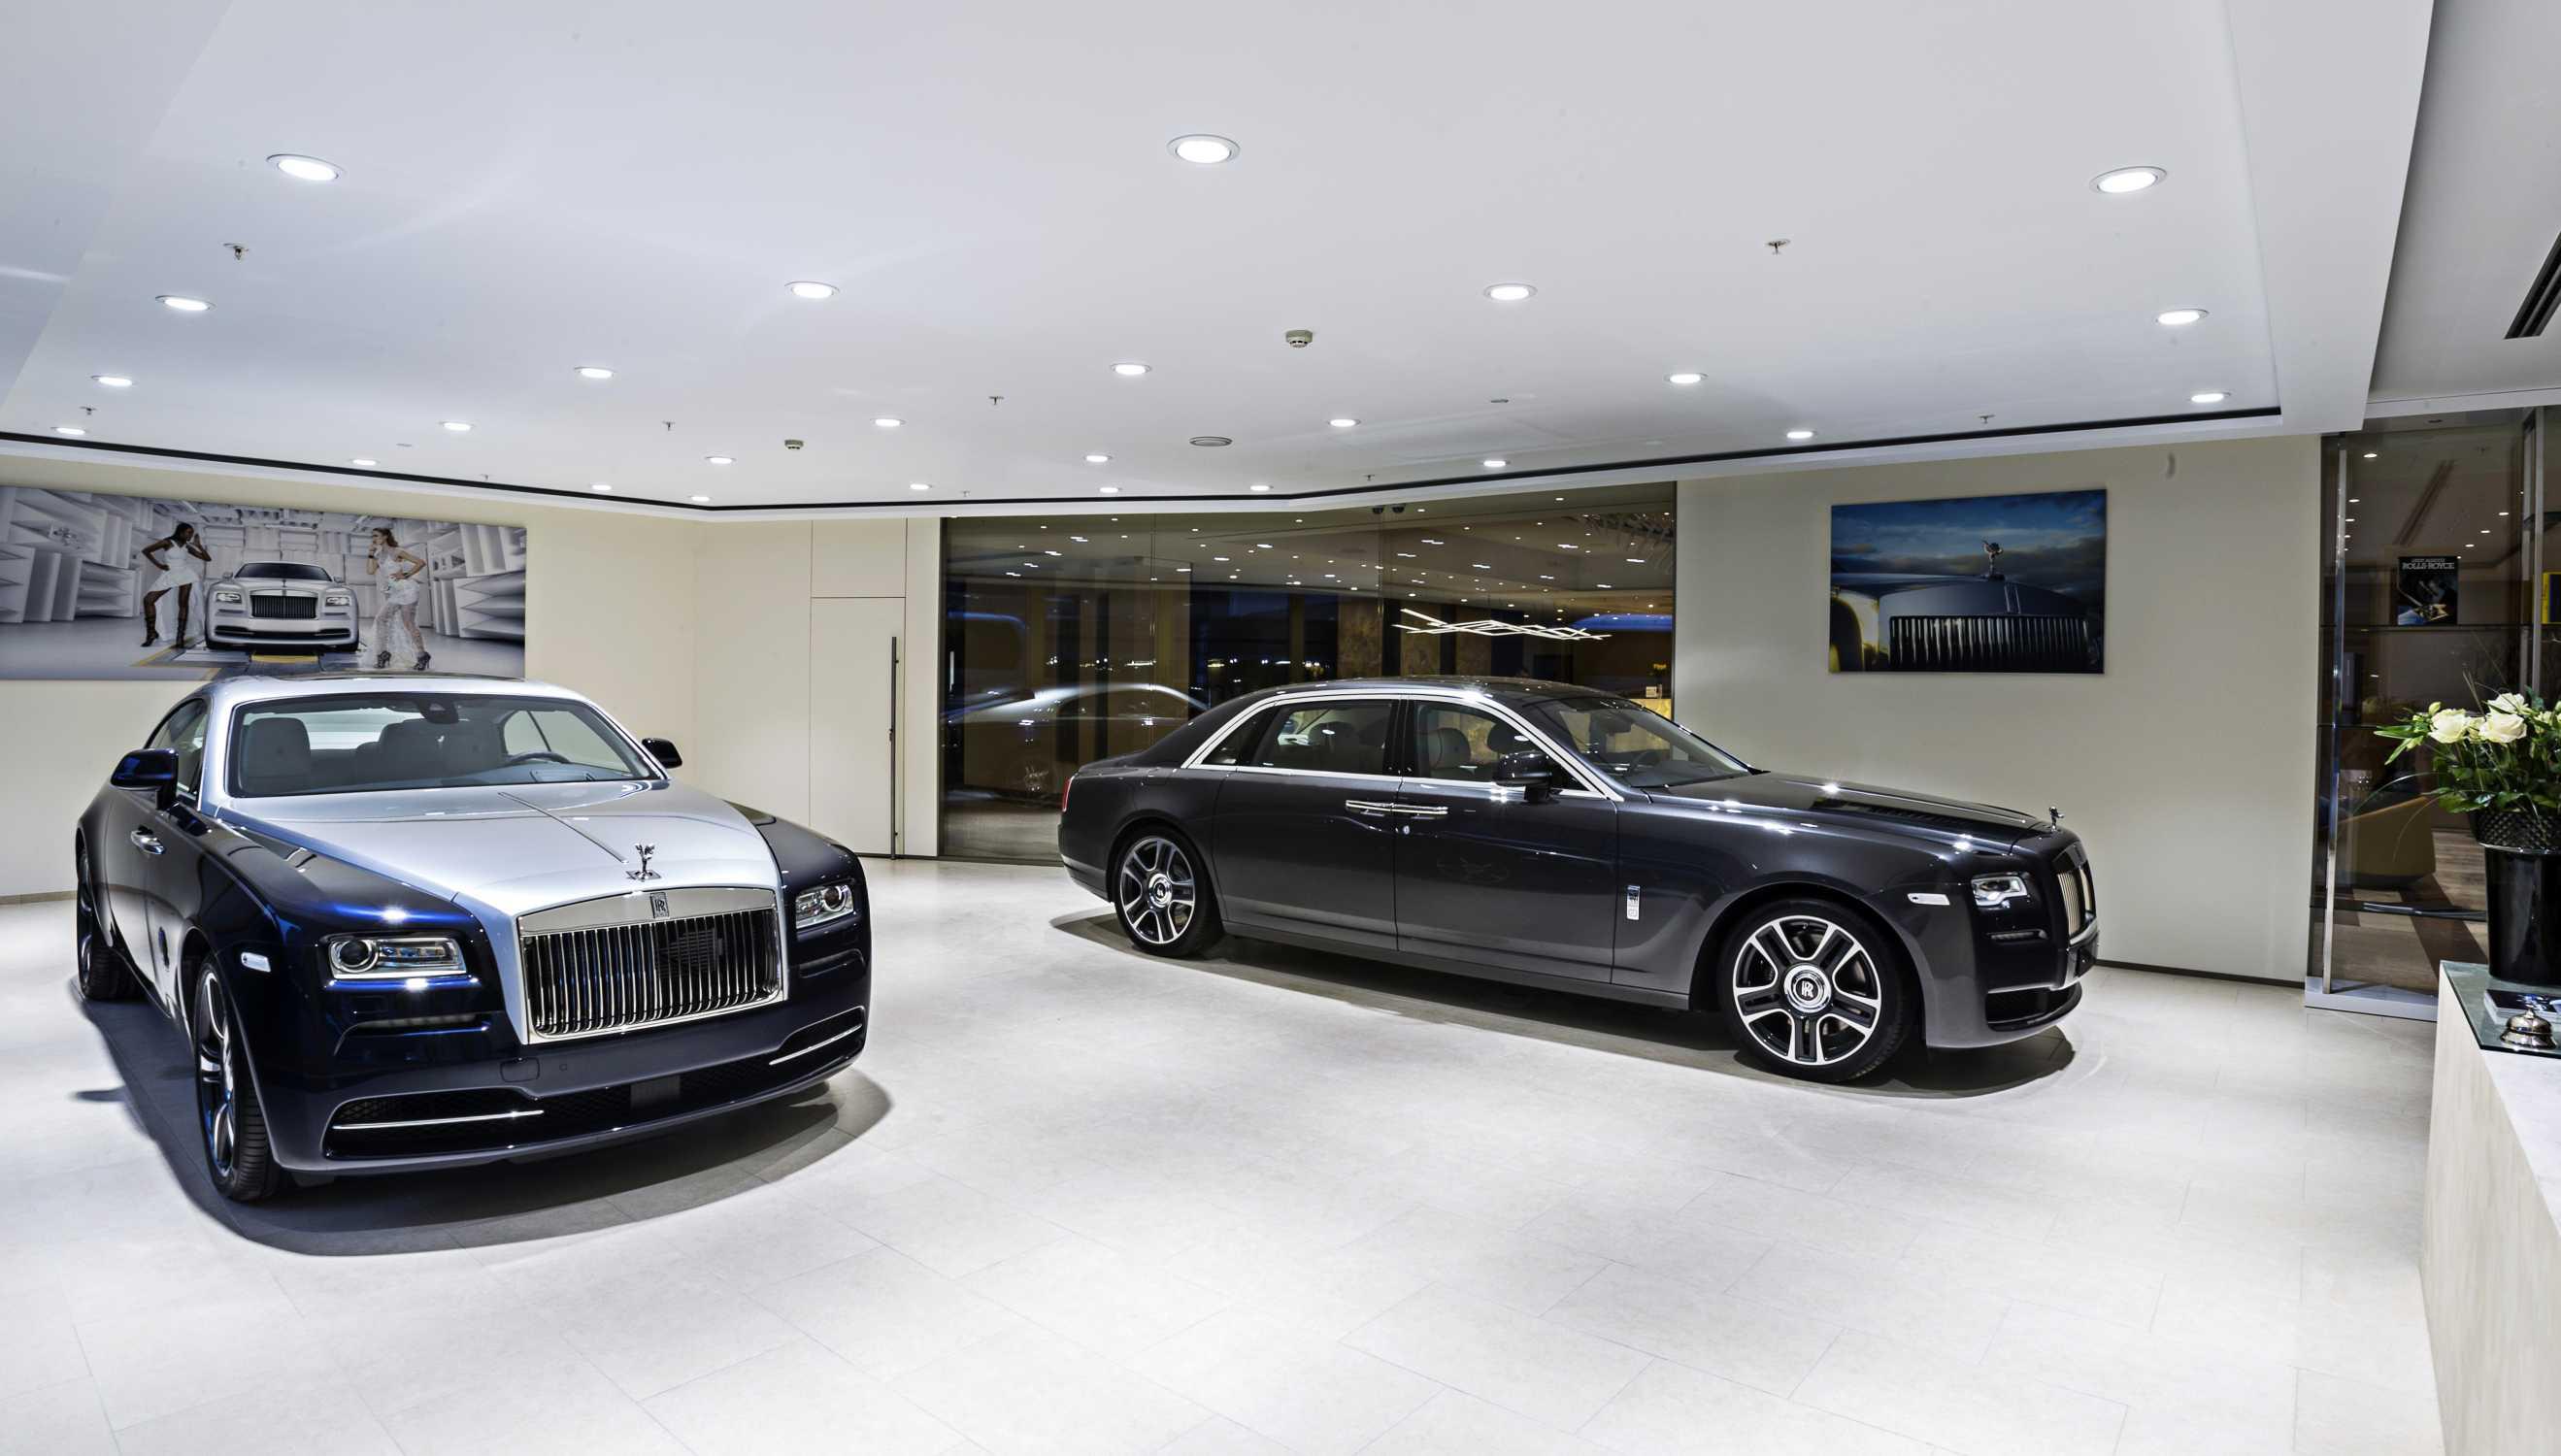 Rolls royce motor cars opens first showroom in czech republic for Rolls royce motor cars